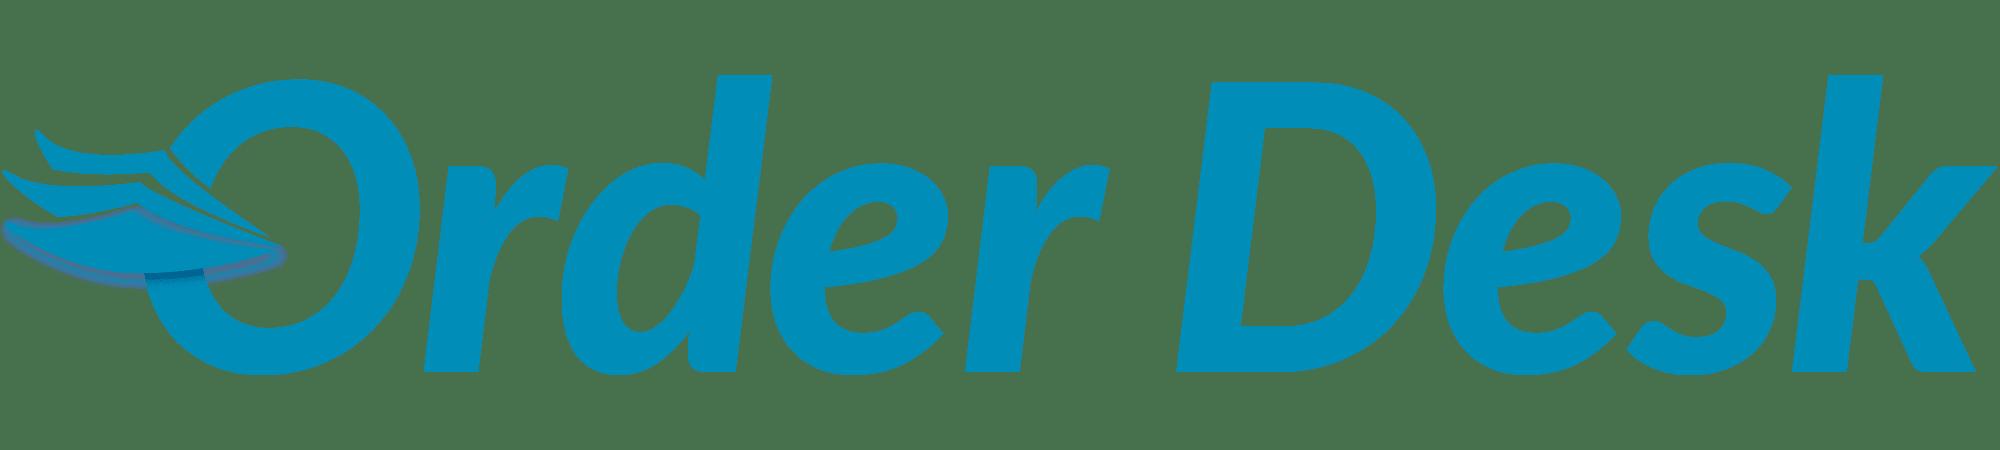 OrderDesk-integration-partner-logo